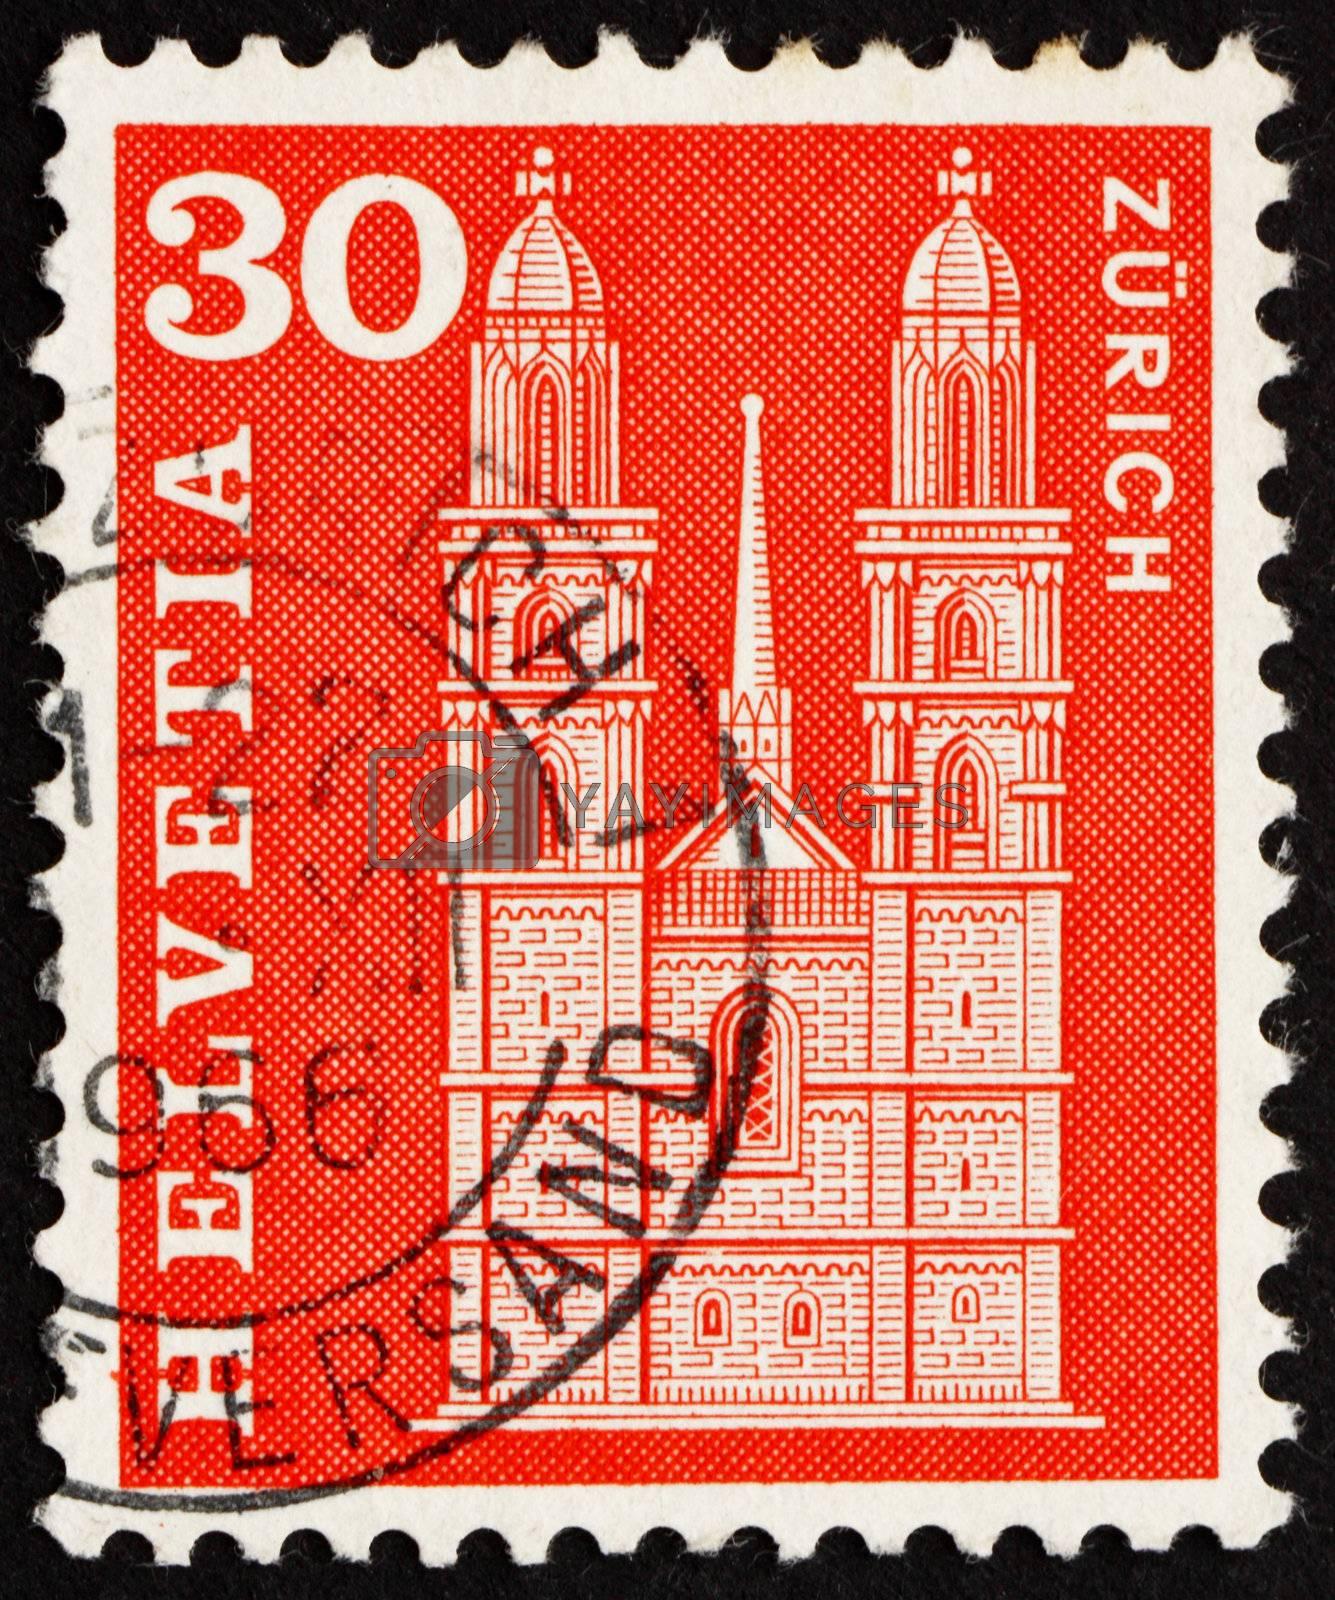 SWITZERLAND - CIRCA 1960: a stamp printed in the Switzerland shows Grossmunster Church, Zurich, circa 1960